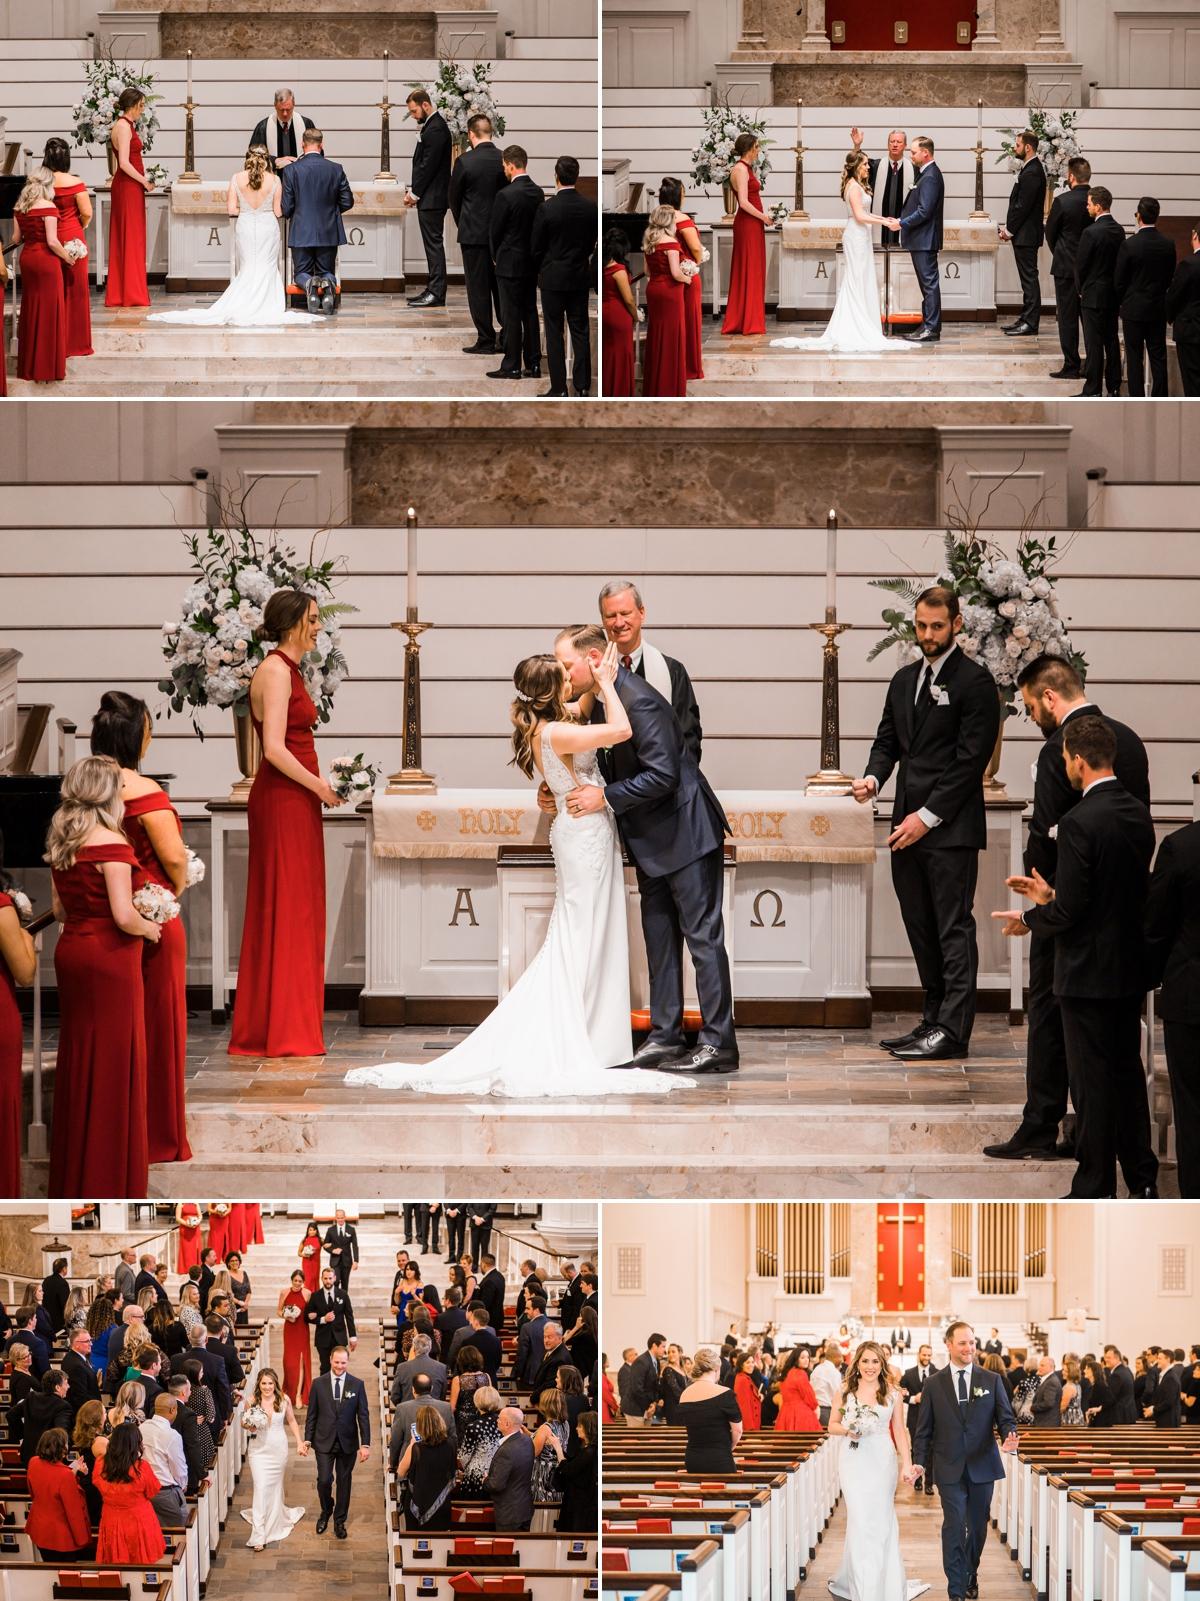 St. Luke's United Methodist Church Wedding Ceremony in Houston